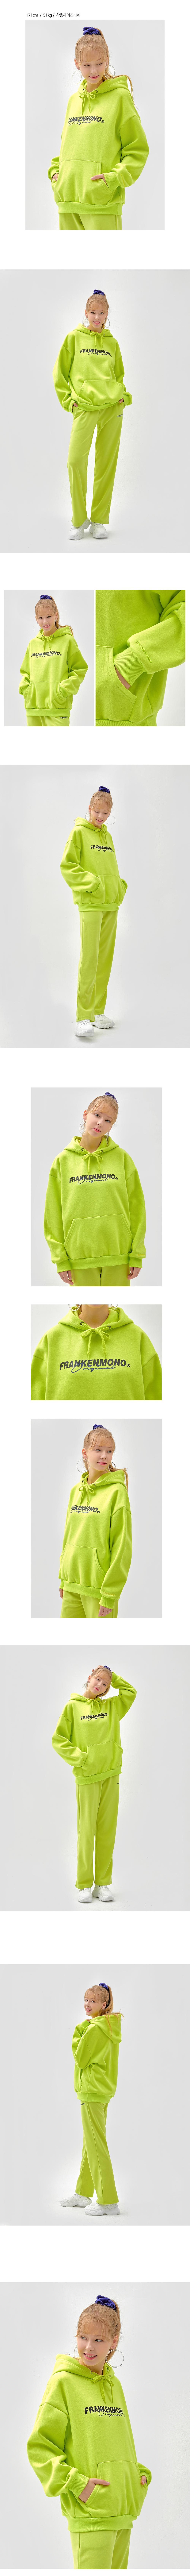 프랑켄모노 FRANKENMONO